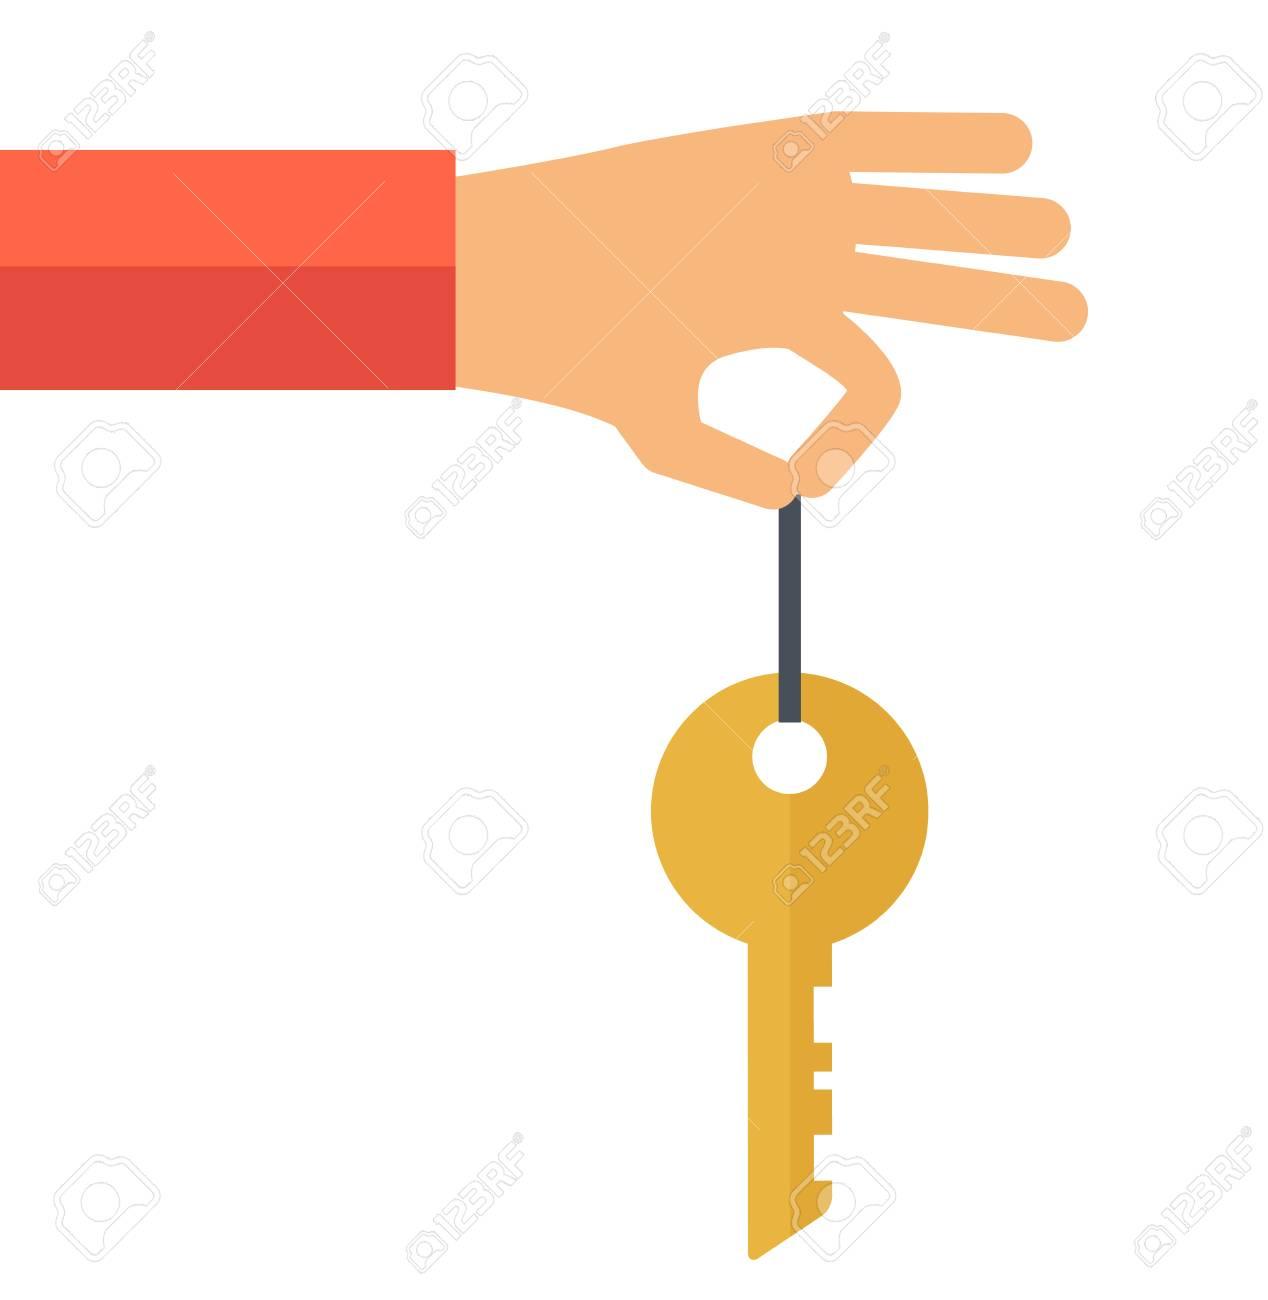 Eine Hand Hält Einen Schlüssel. Ein Zeitgenössischer Stil. Flache ...